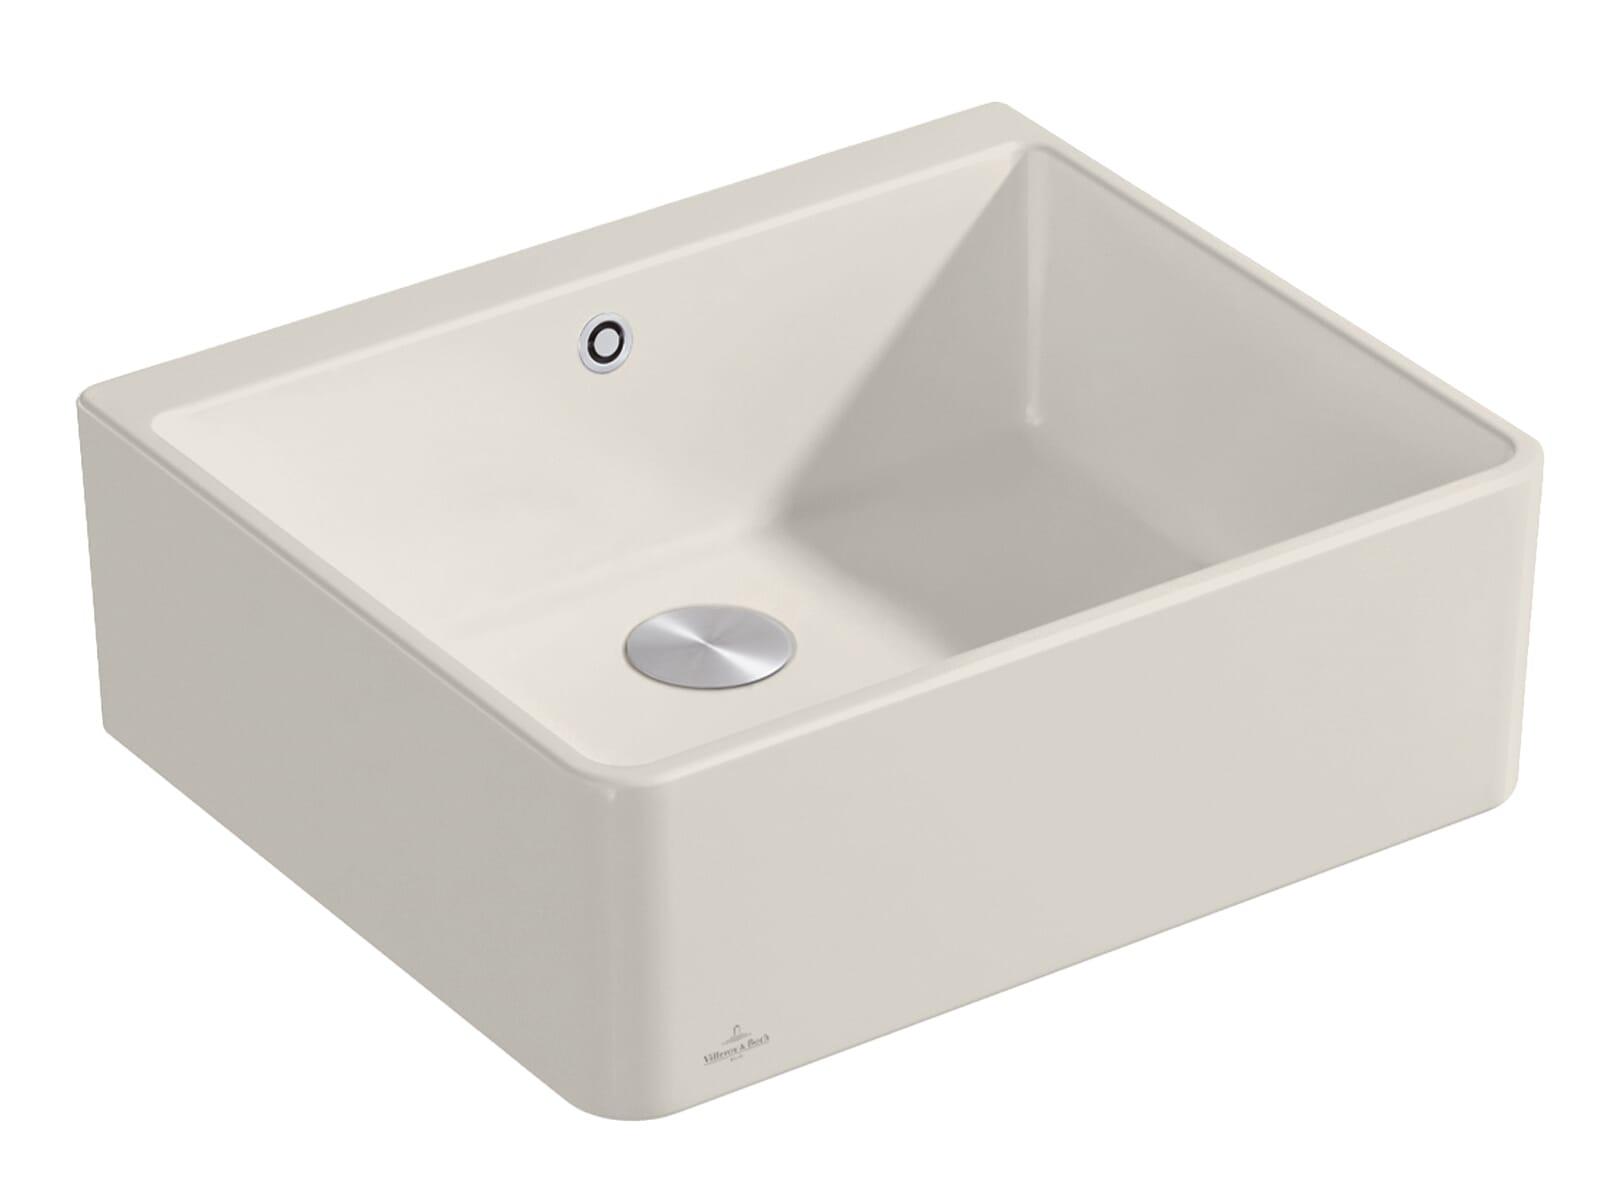 Villeroy & Boch Spülstein 60 X - 6360 02 KR Crema Keramikspüle Excenterbetätigung